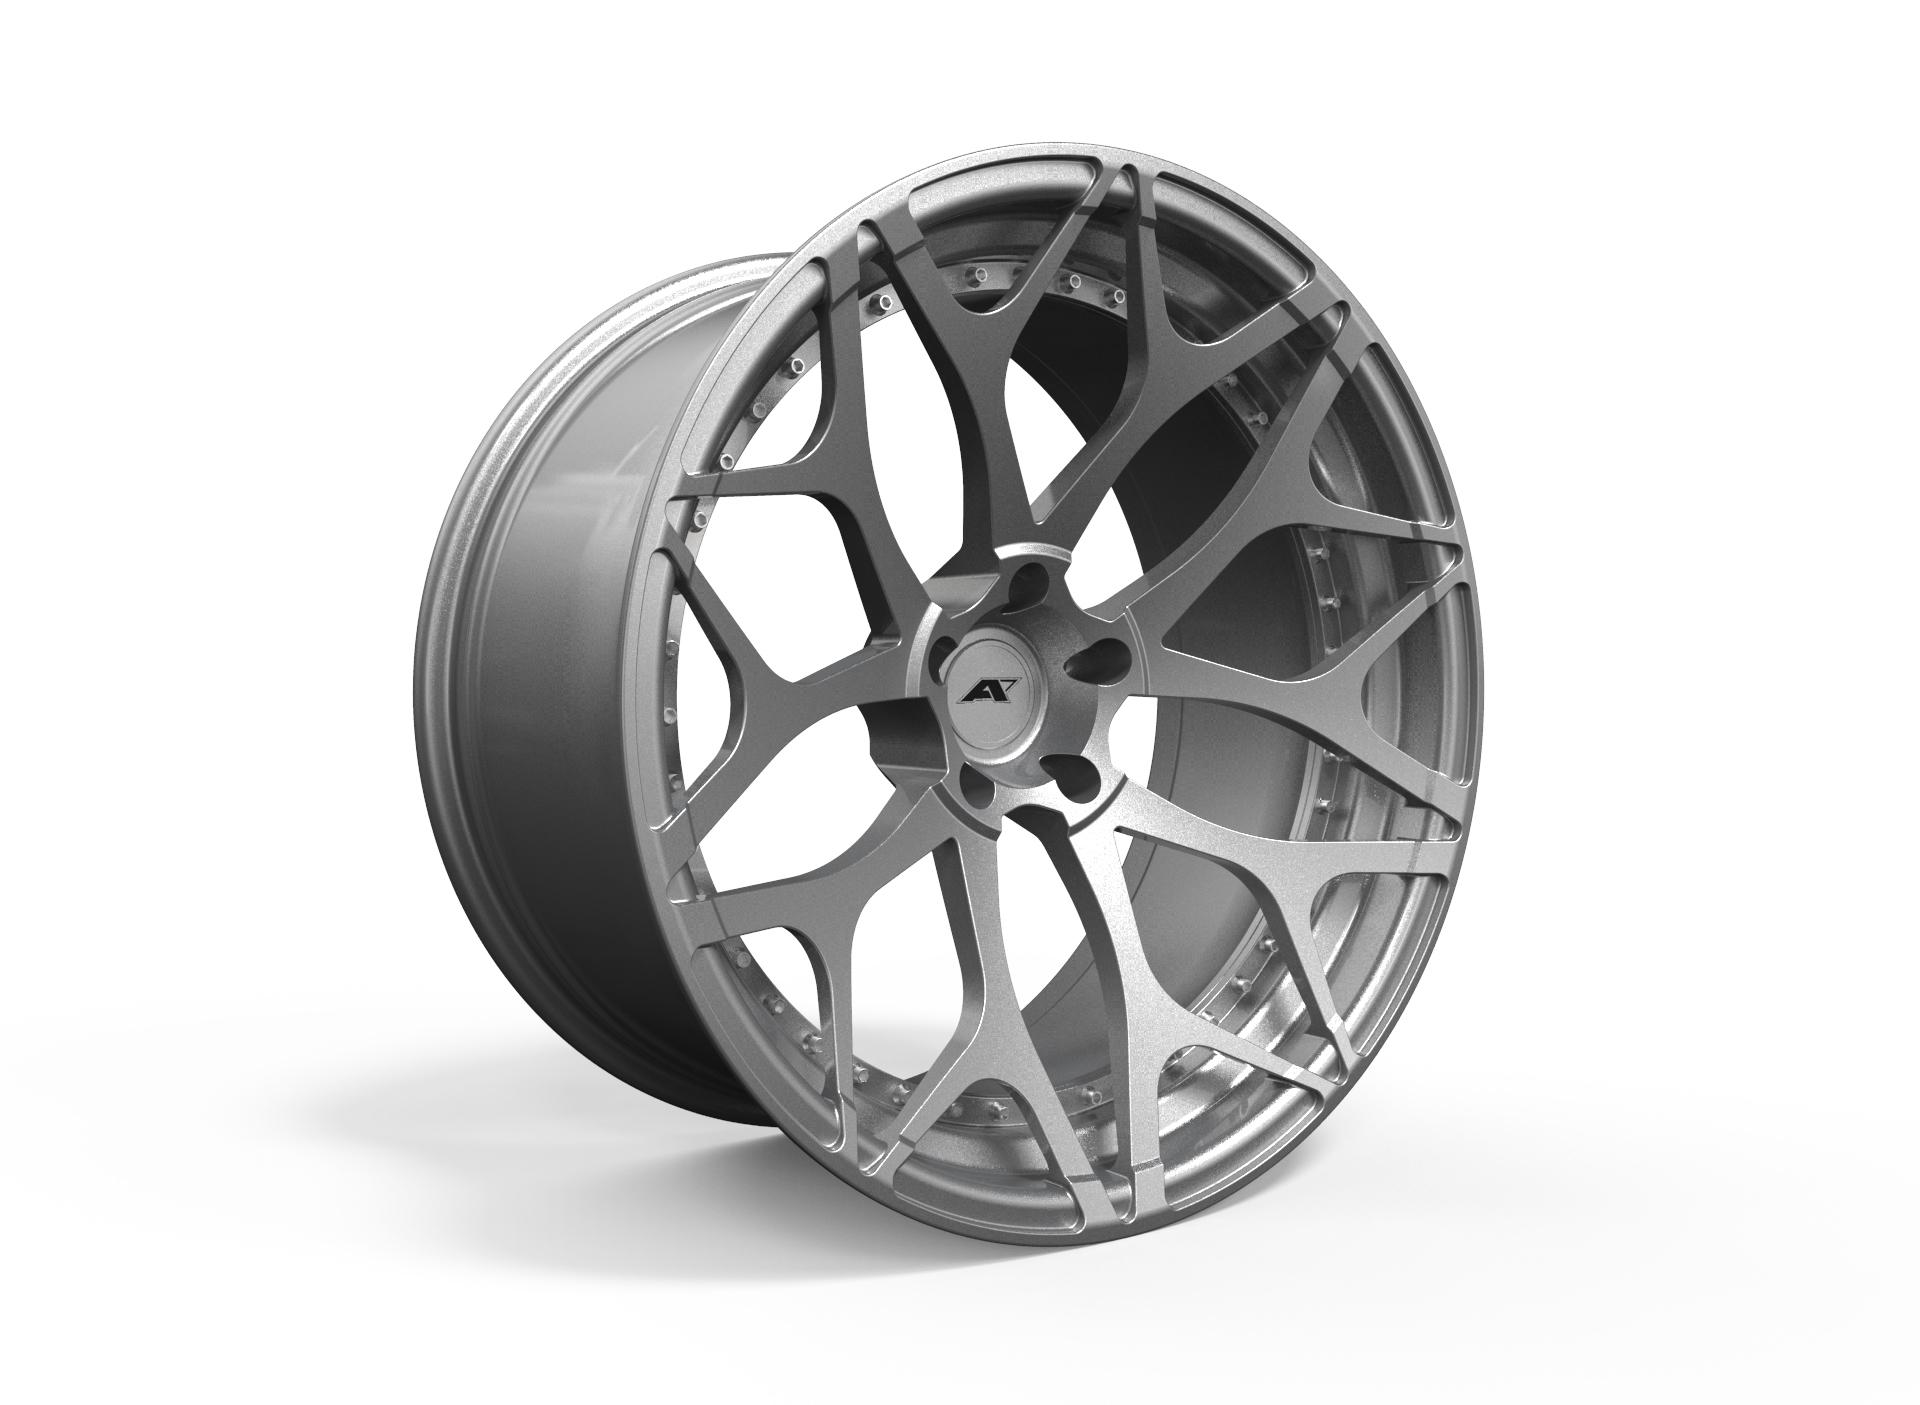 AMP Forged Wheels AMP 10V-2P